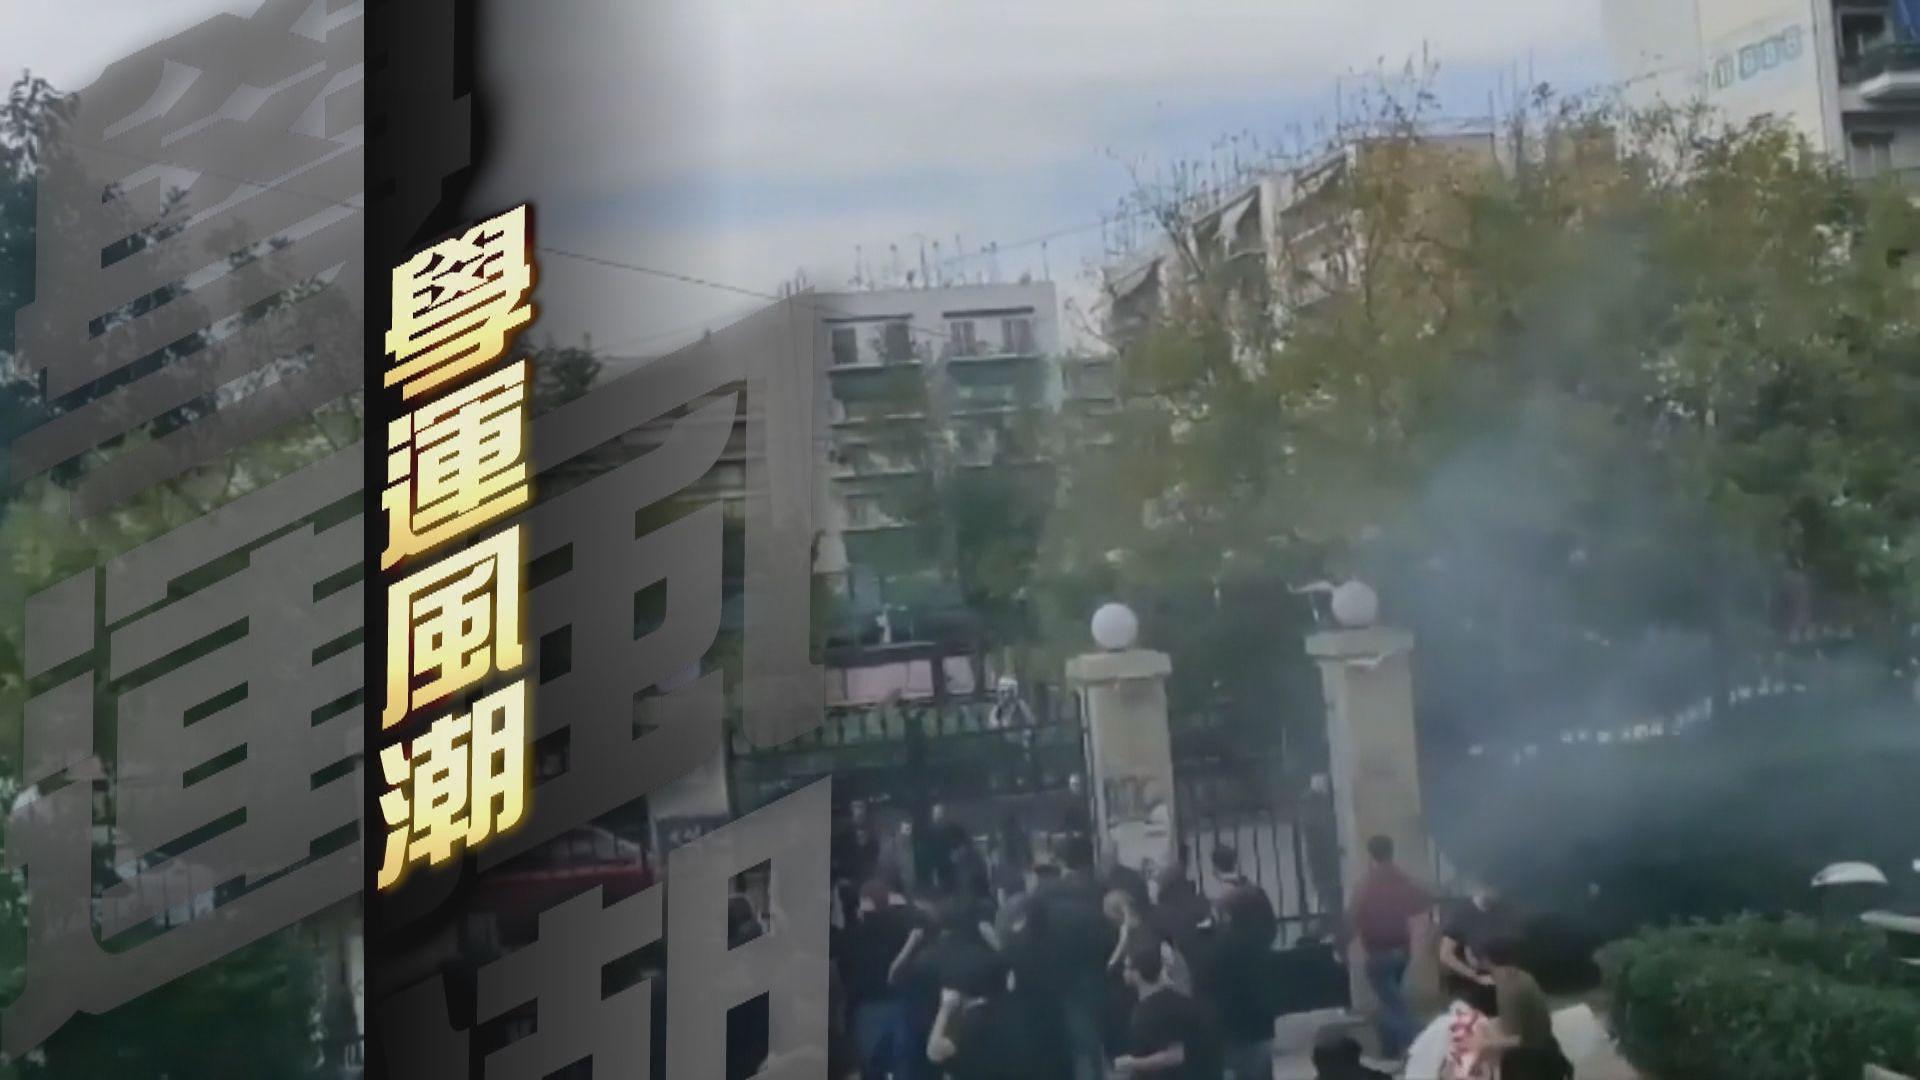 【新聞智庫】從光州民主化運動到東京大學事件 重溫各國學運風潮